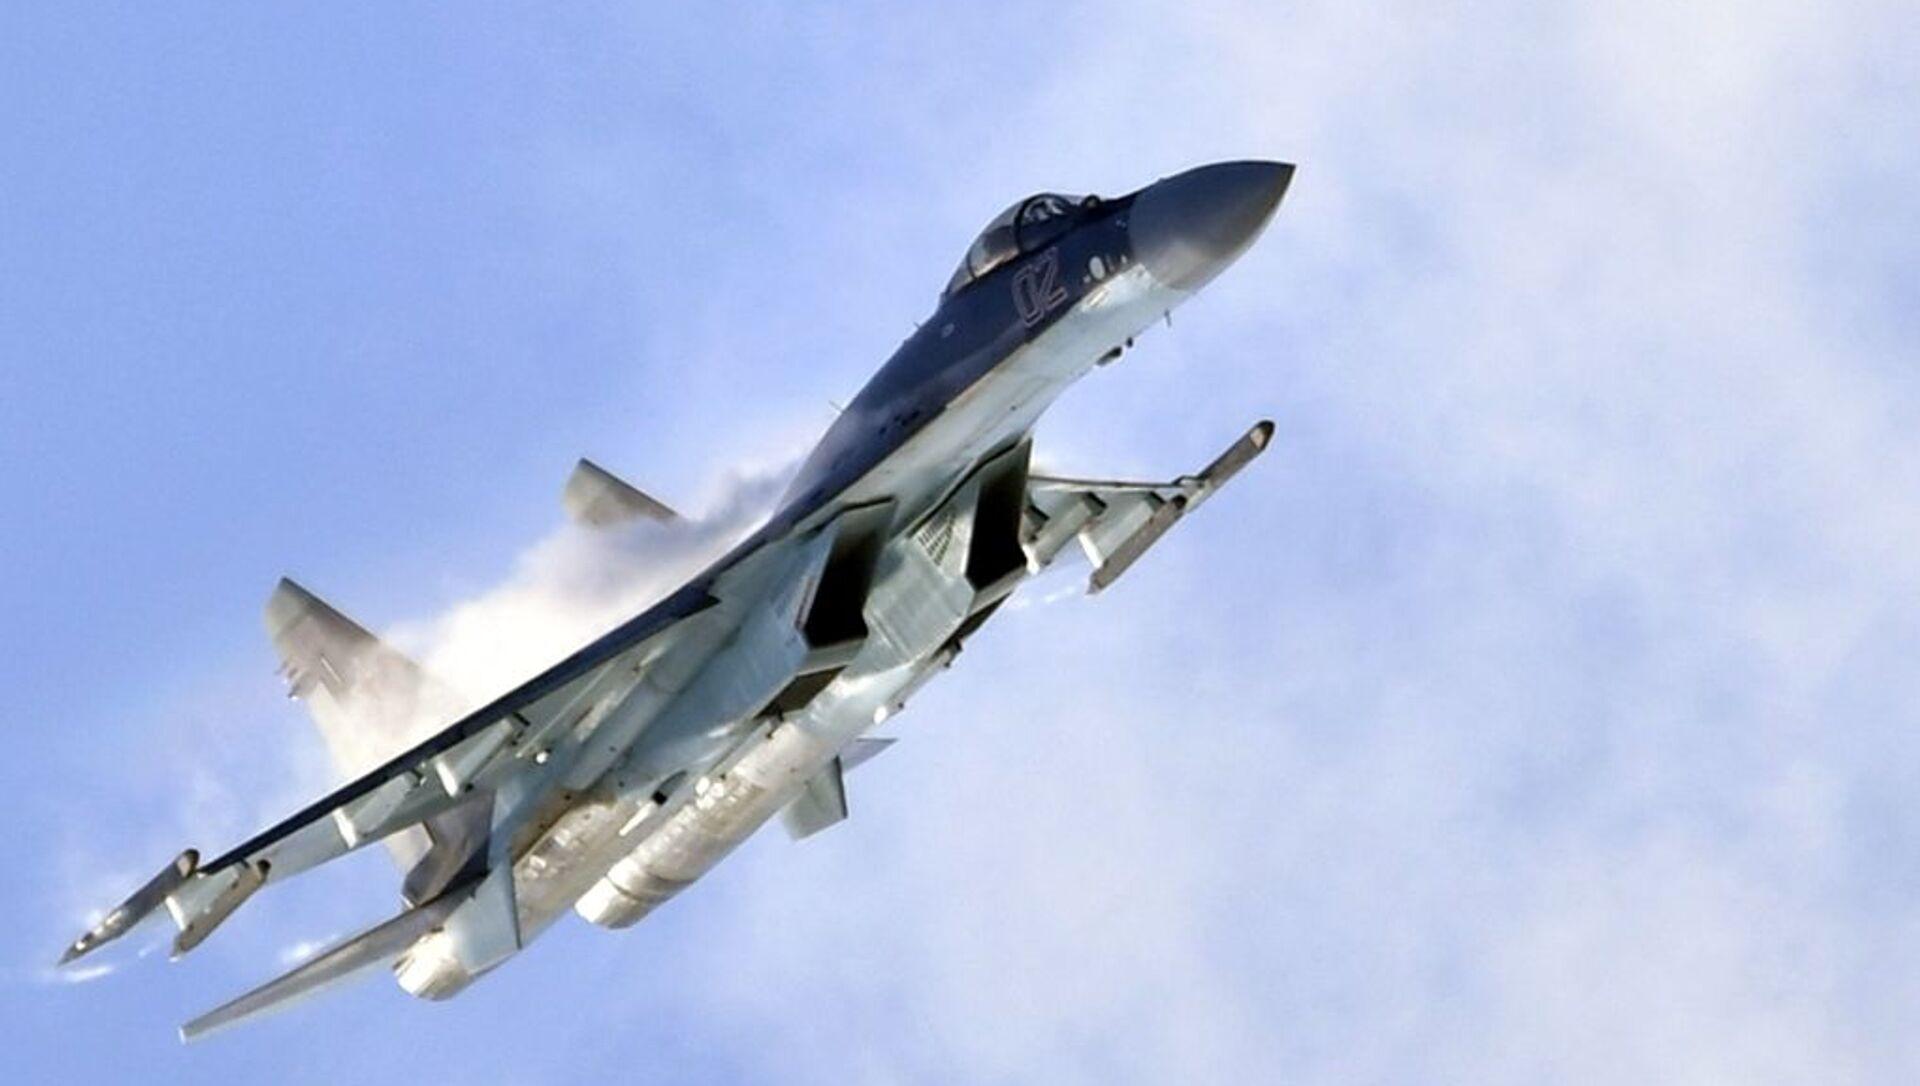 El caza ruso Su-35S en el salón aeroespacial MAKS 2019 - Sputnik Mundo, 1920, 02.03.2021